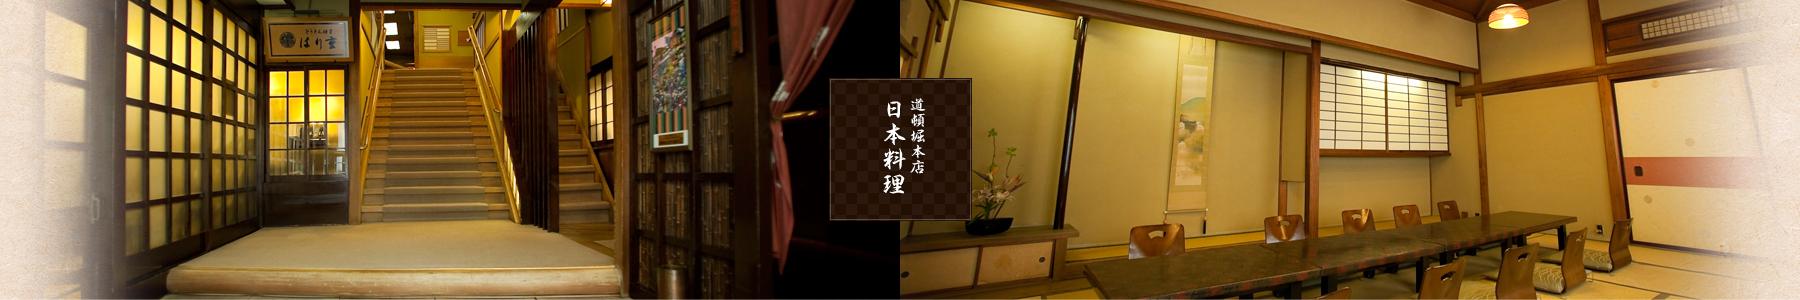 日本料理のイメージ